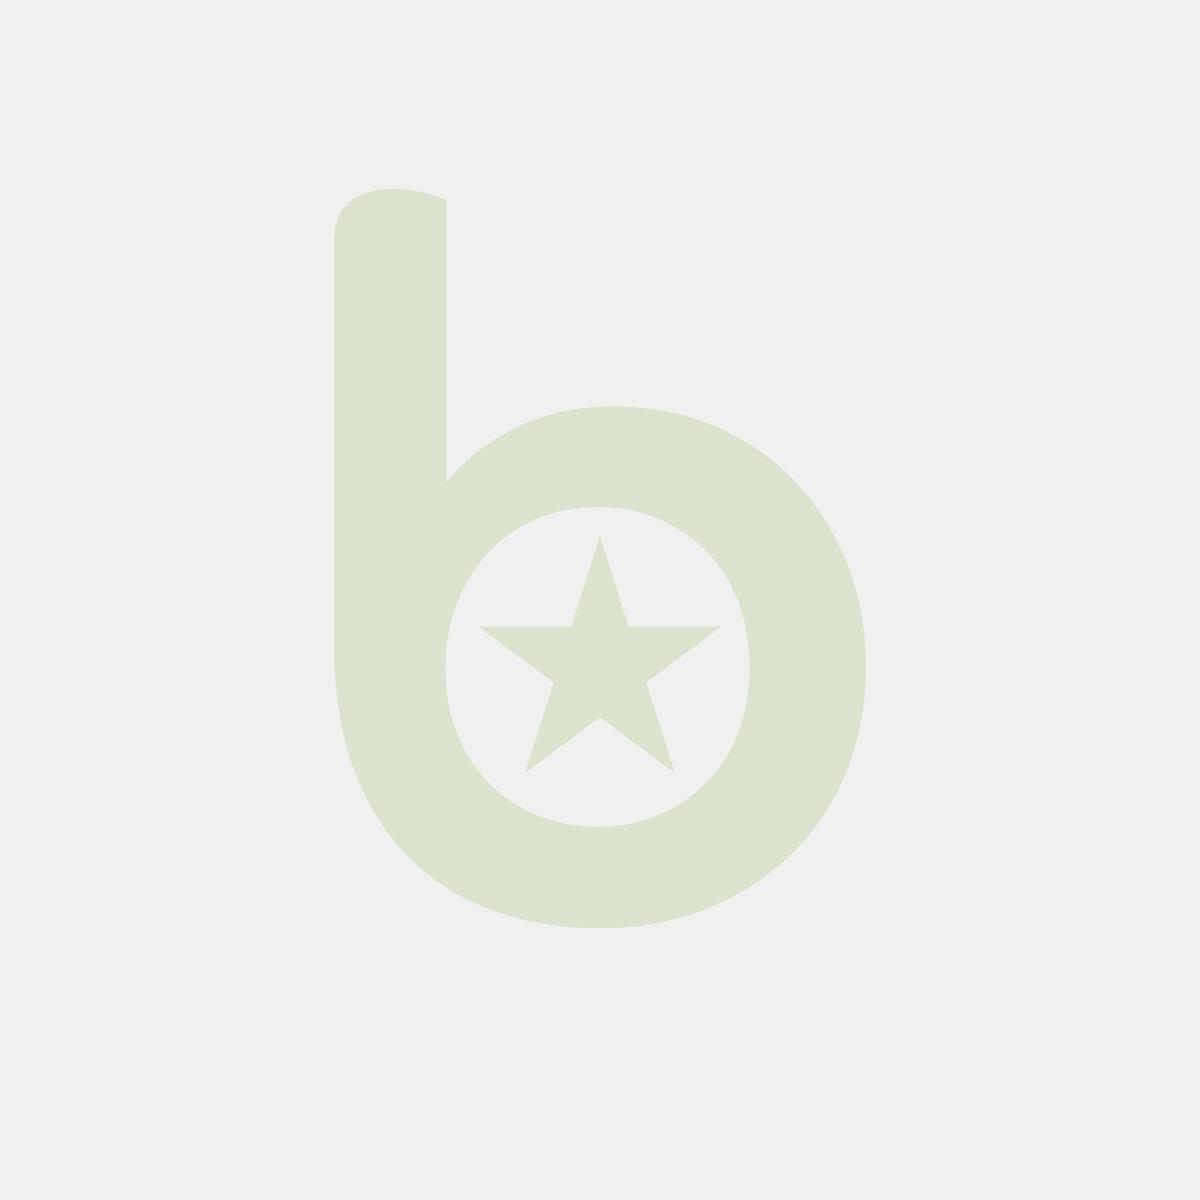 Cienkopis SCHNEIDER Line-Up, 0,4mm, ciemnoszary